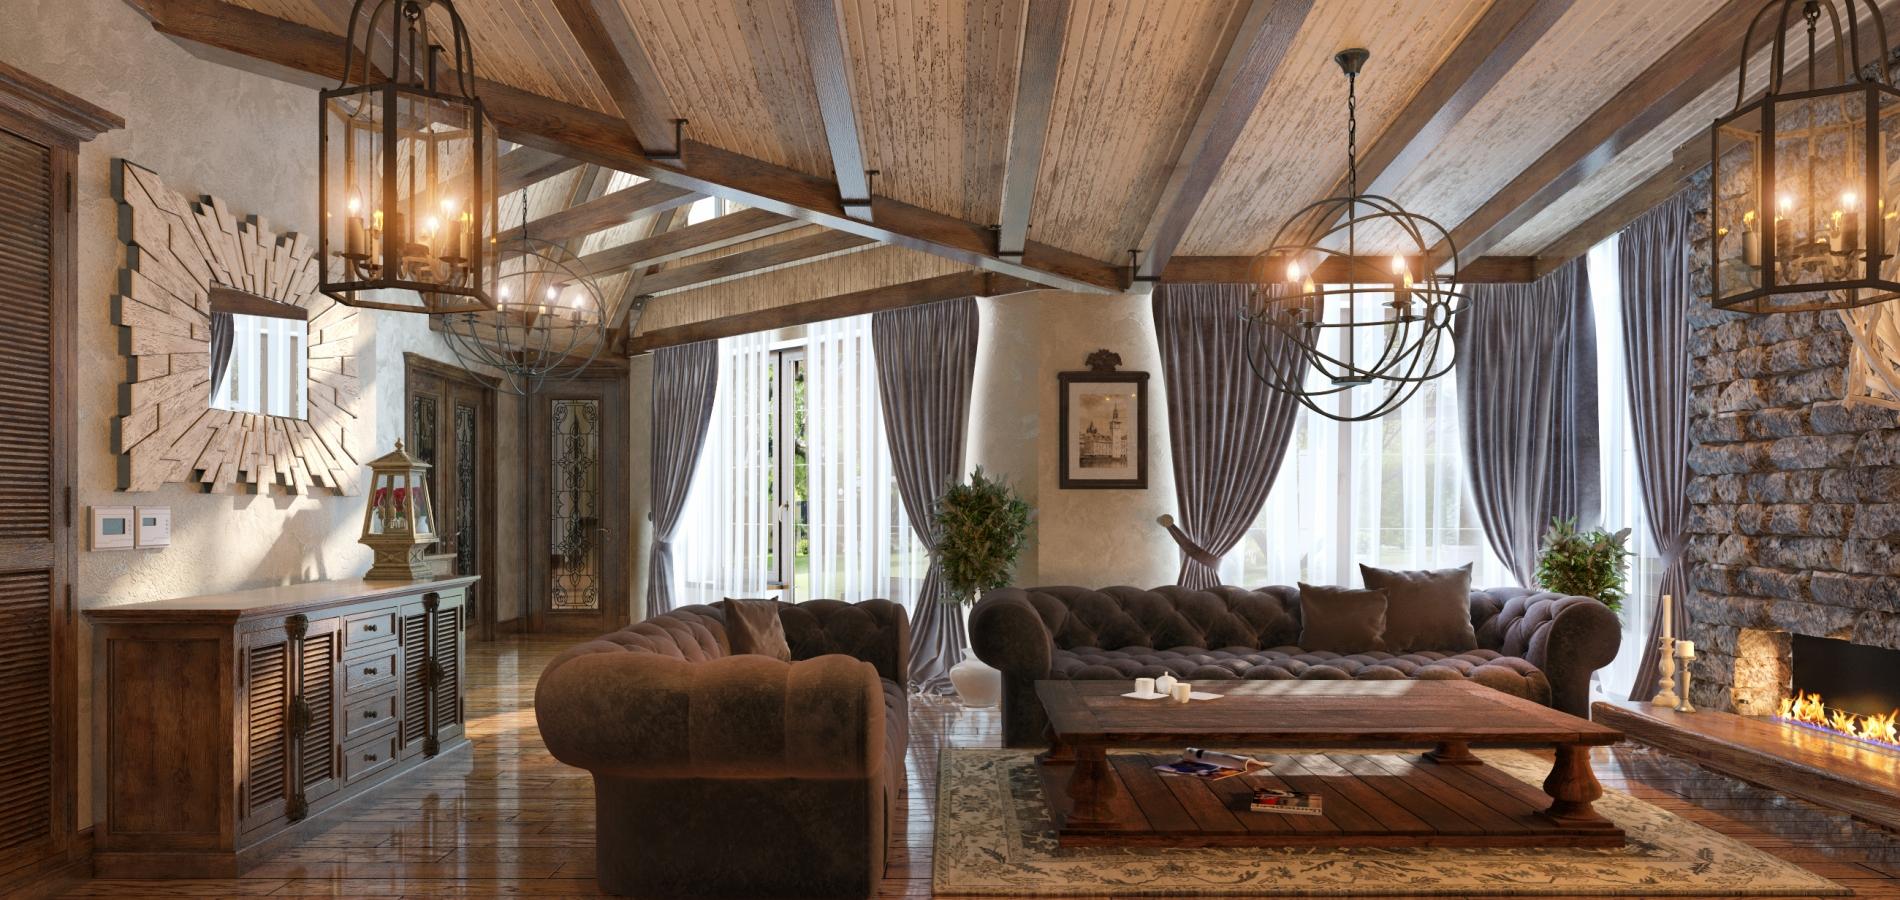 Летний домик, украшенный деревом